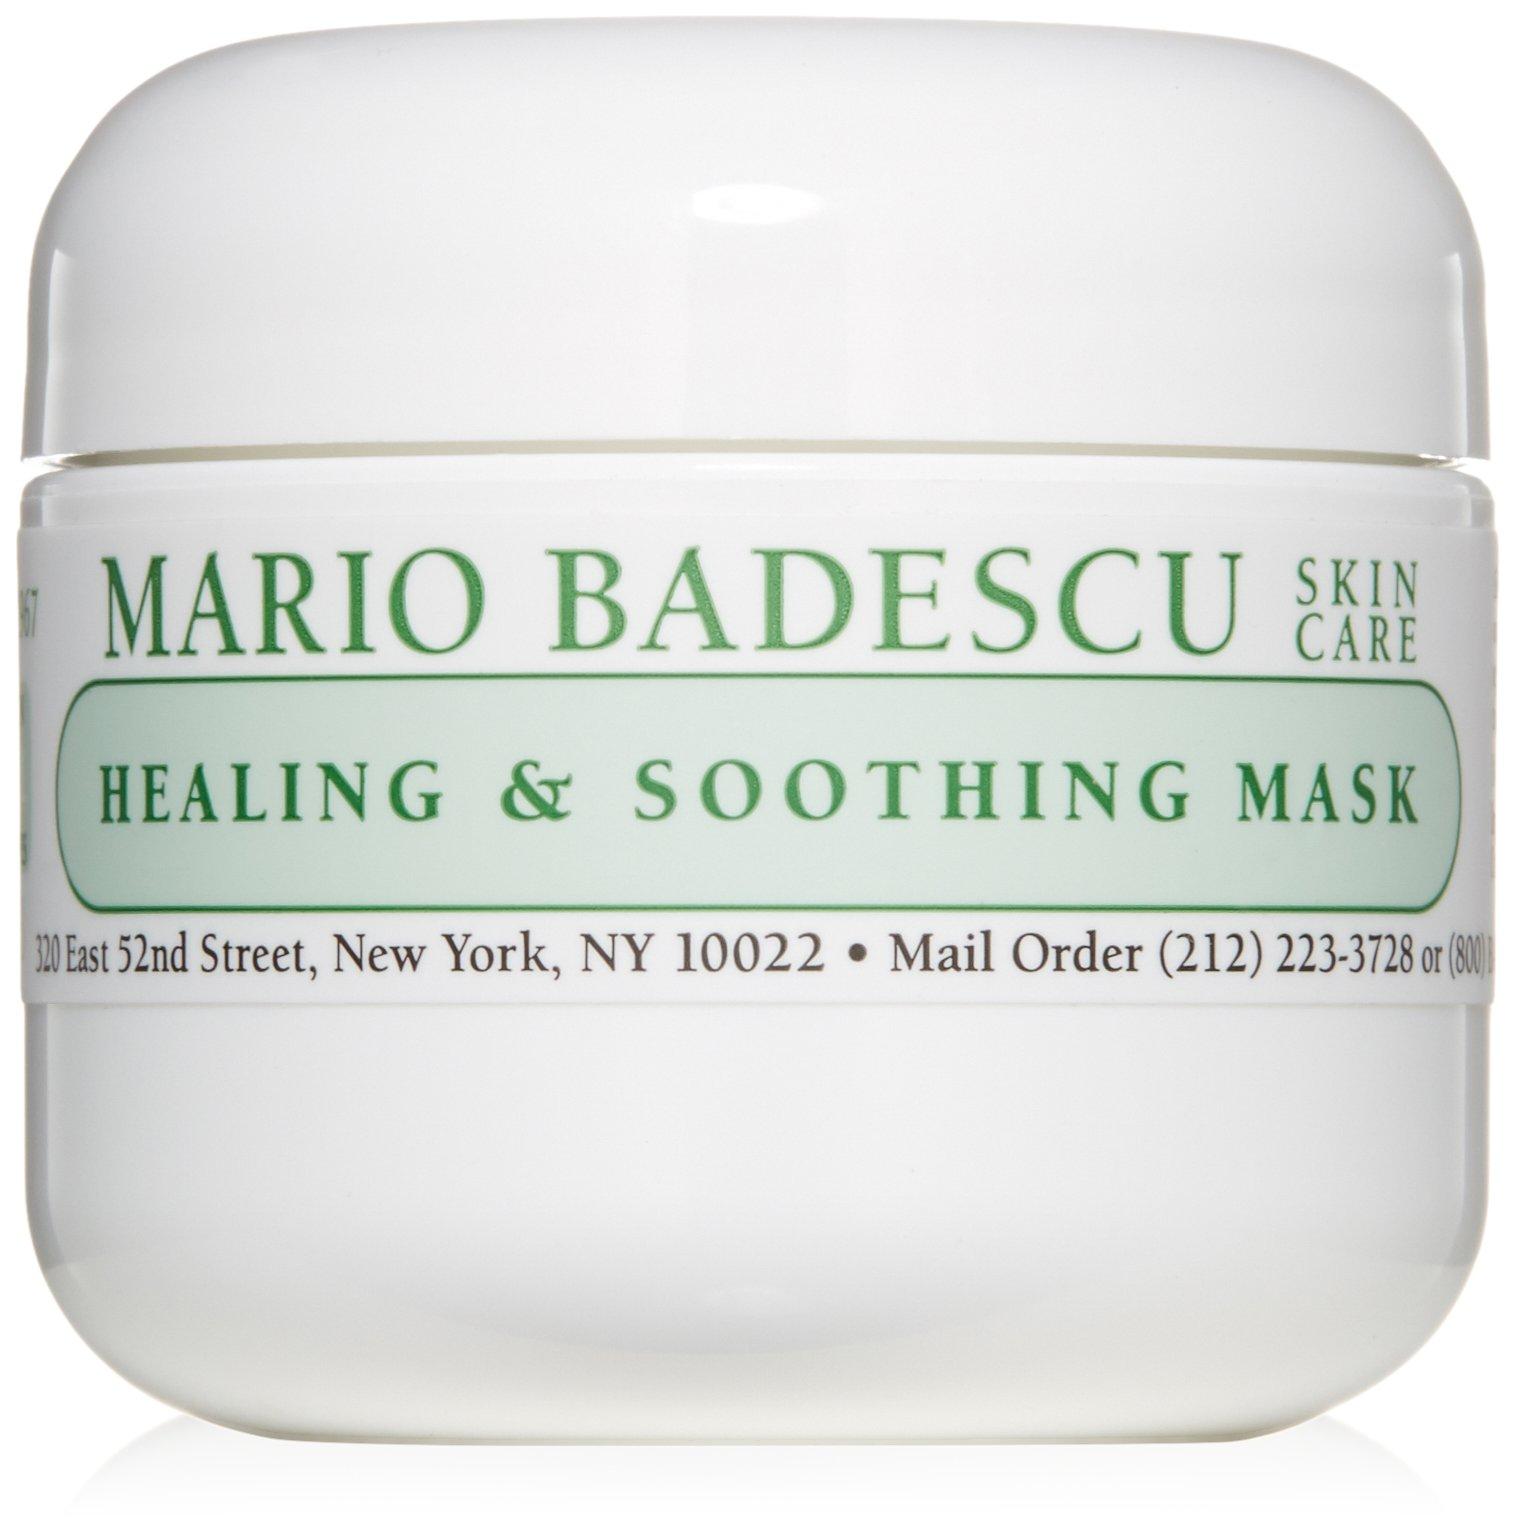 Mario Badescu Healing & Soothing Mask, 2 oz. by Mario Badescu